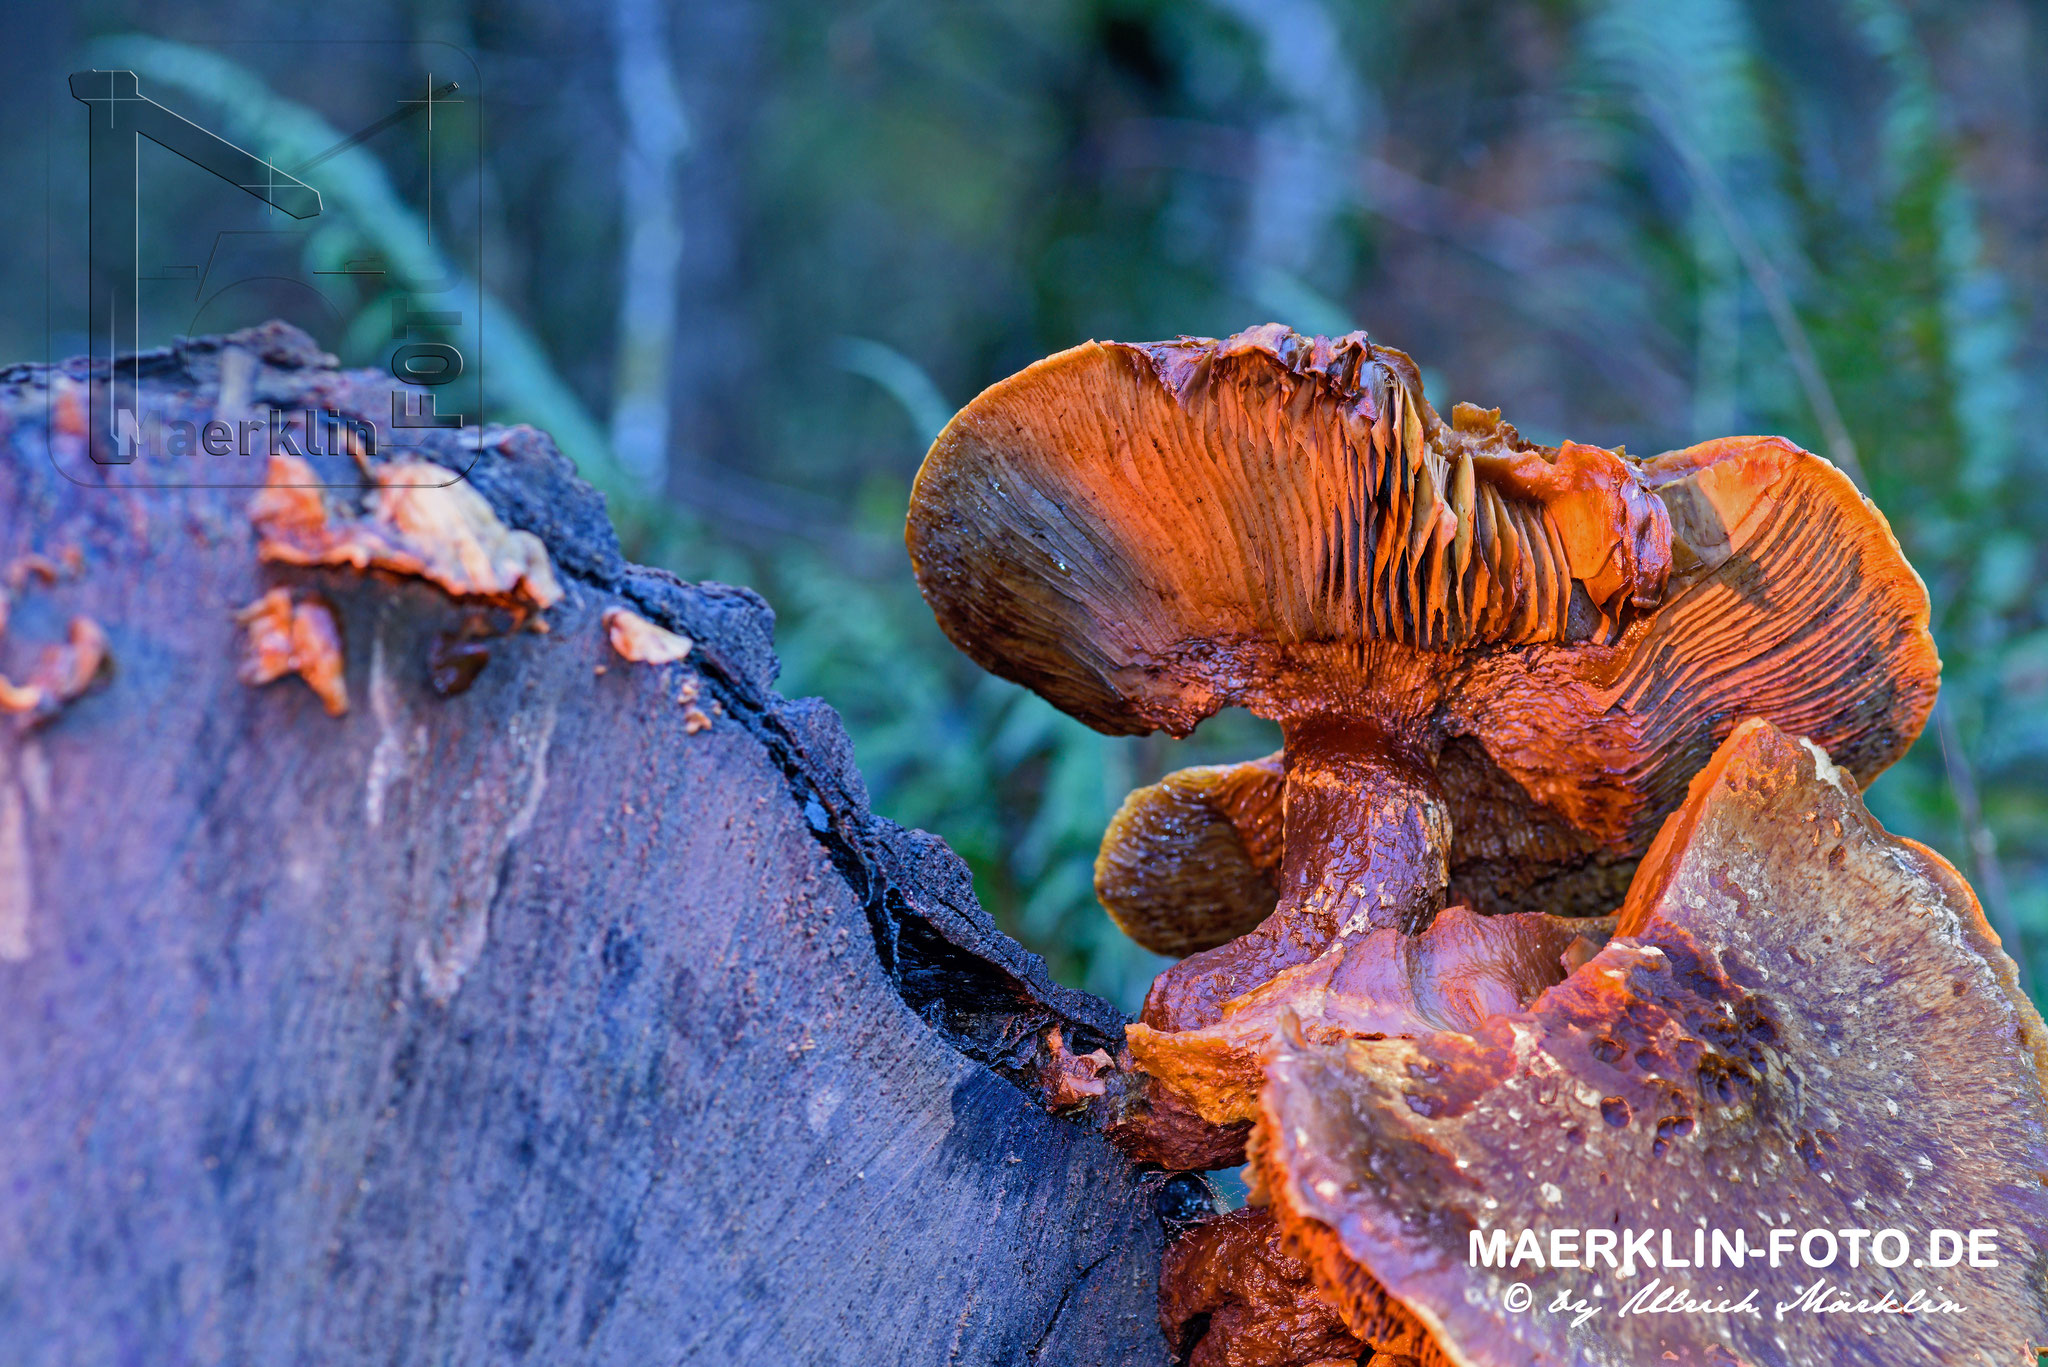 Pilz mit Aufhellblitz, Naturpark Schönbuch